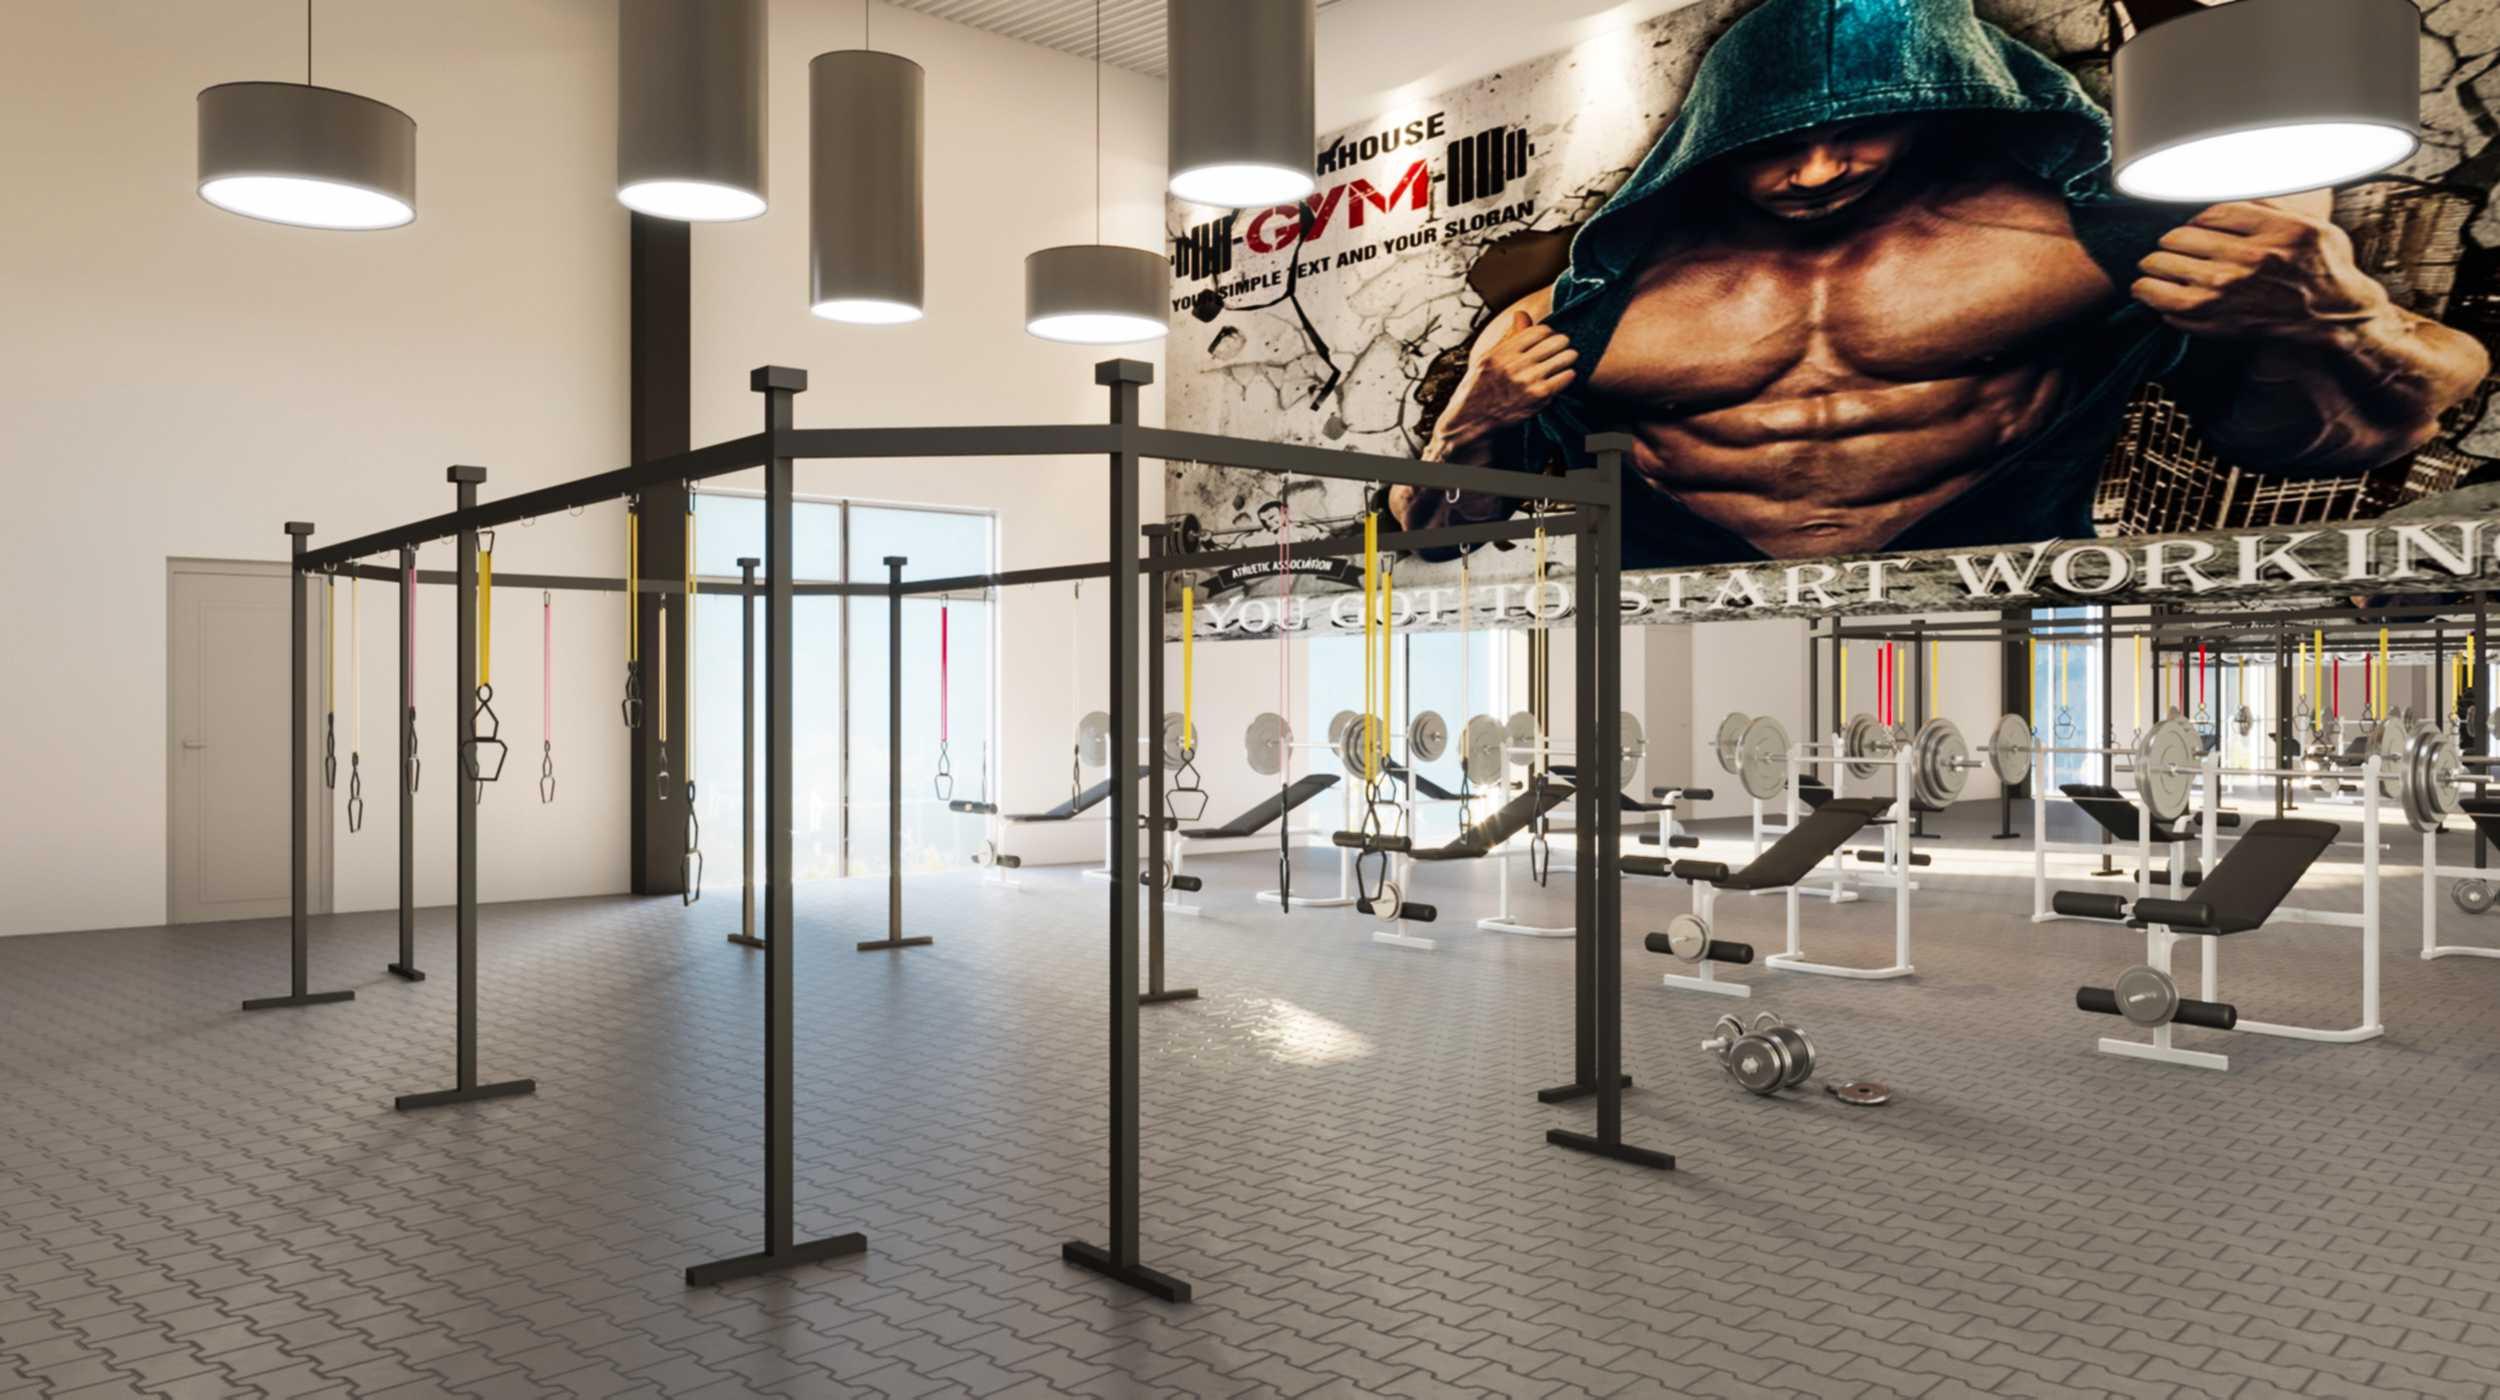 3D Visualisierung eines Fitnesscenters